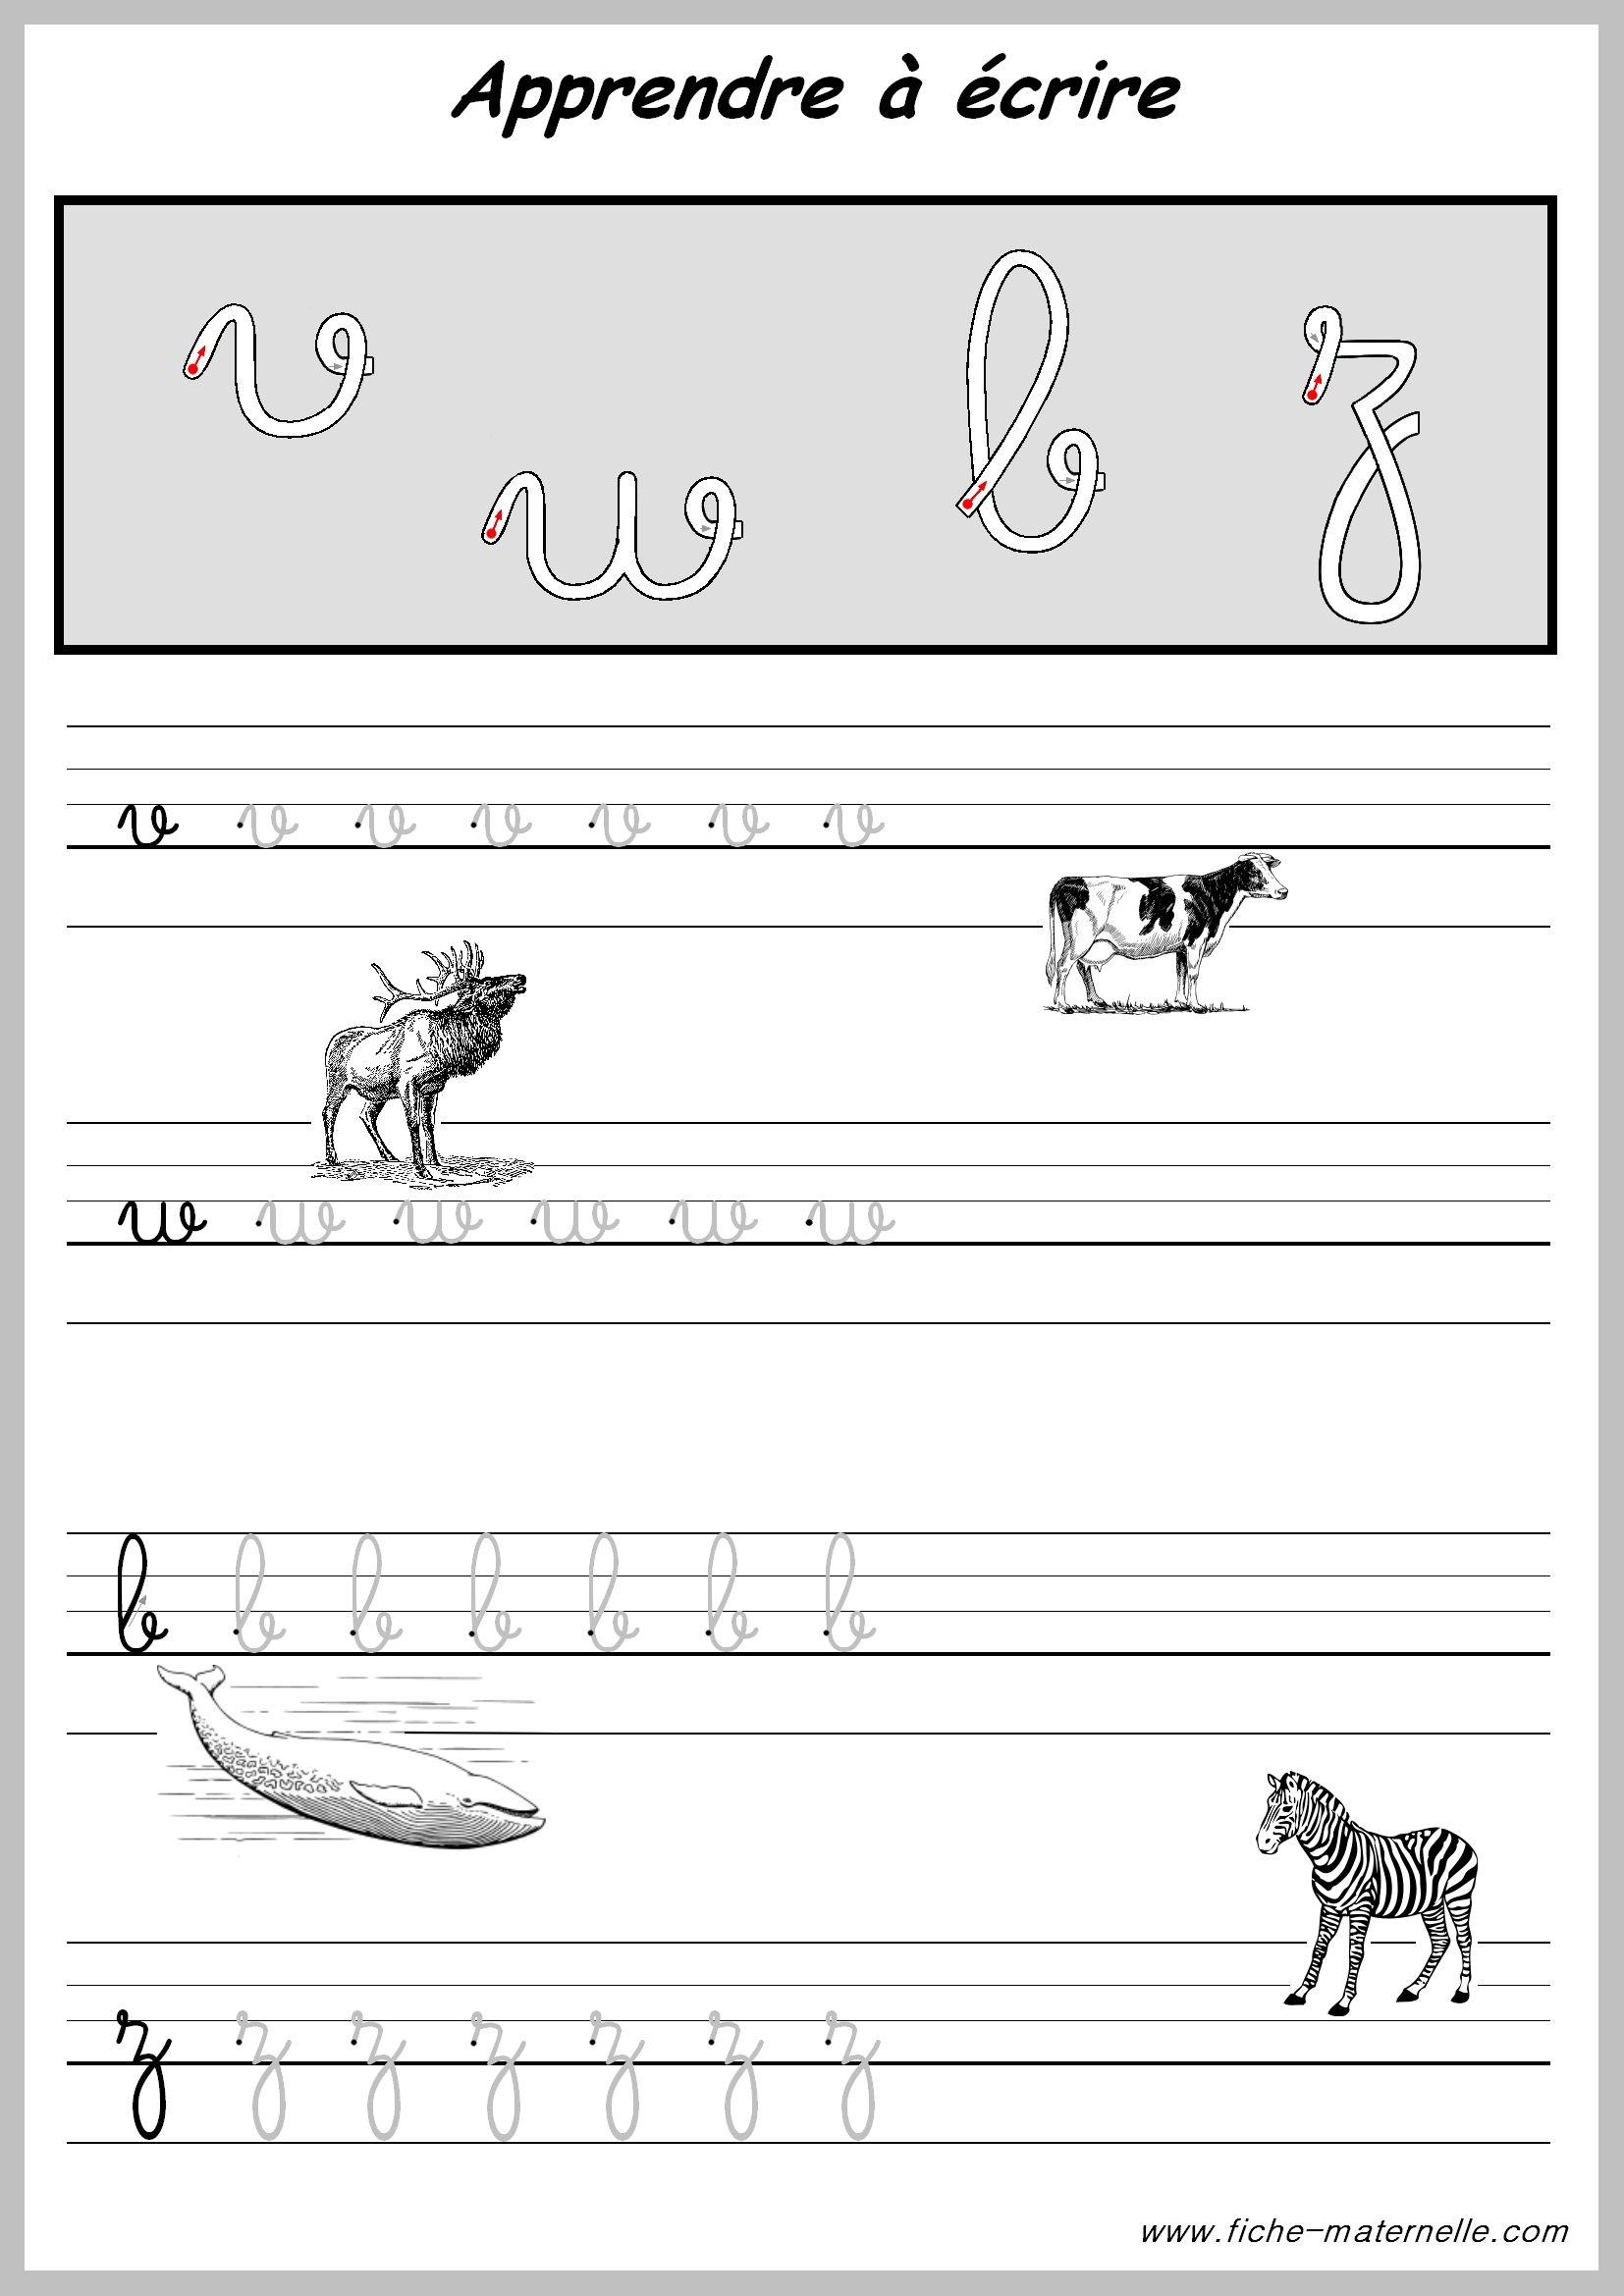 Exercices Pratiques Pour Apprendre A Ecrire. | Apprendre À avec Exercice Pour Apprendre L Alphabet En Maternelle